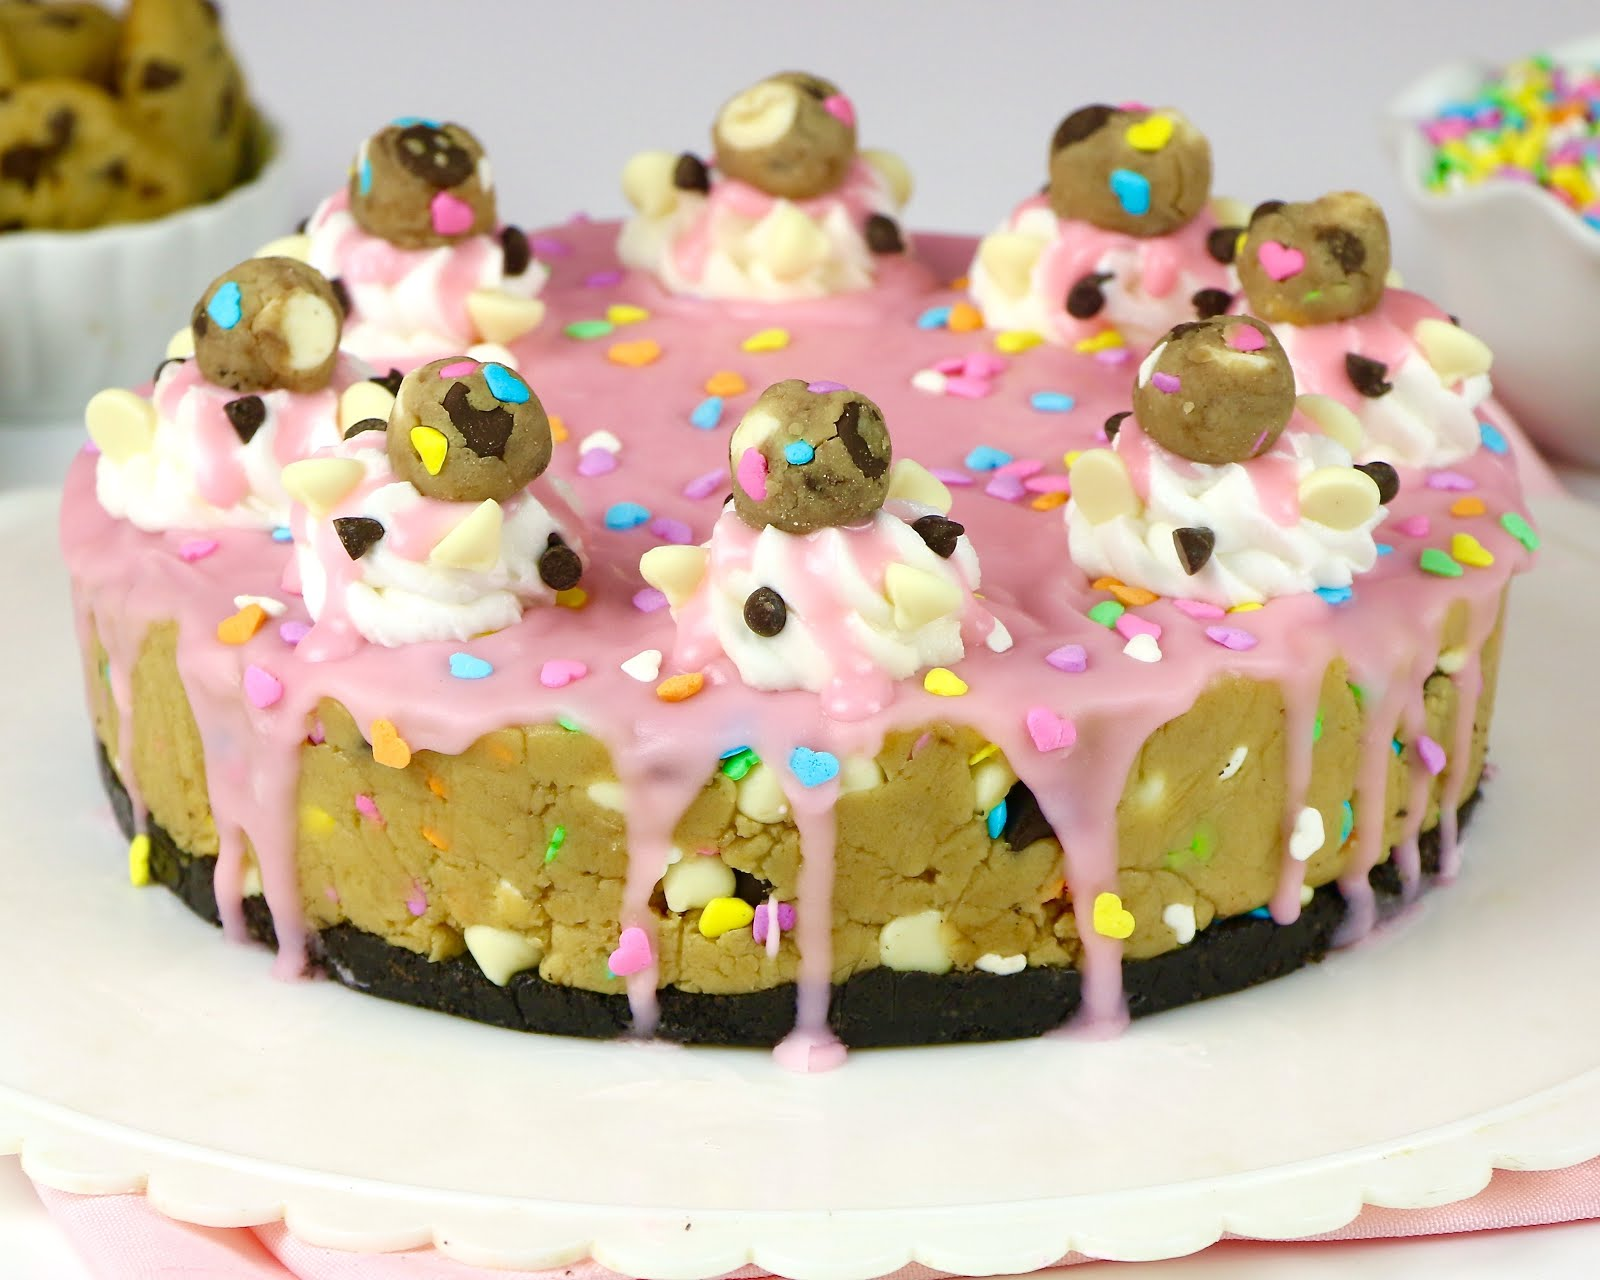 Cake Batter Oreo Stuffed Funfetti Cookies